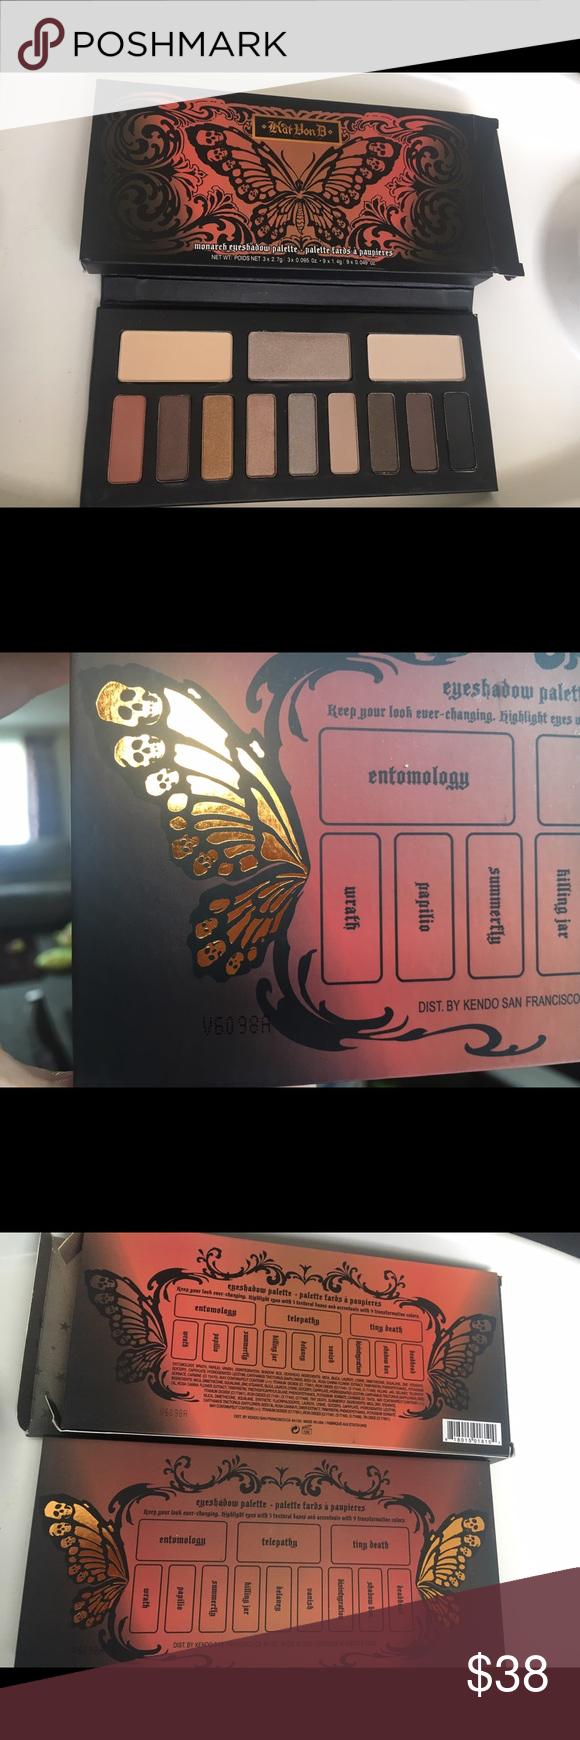 Kat Von D Monarch palette Brand new in box. Ships tomorrow! Kat Von D Makeup Eyeshadow